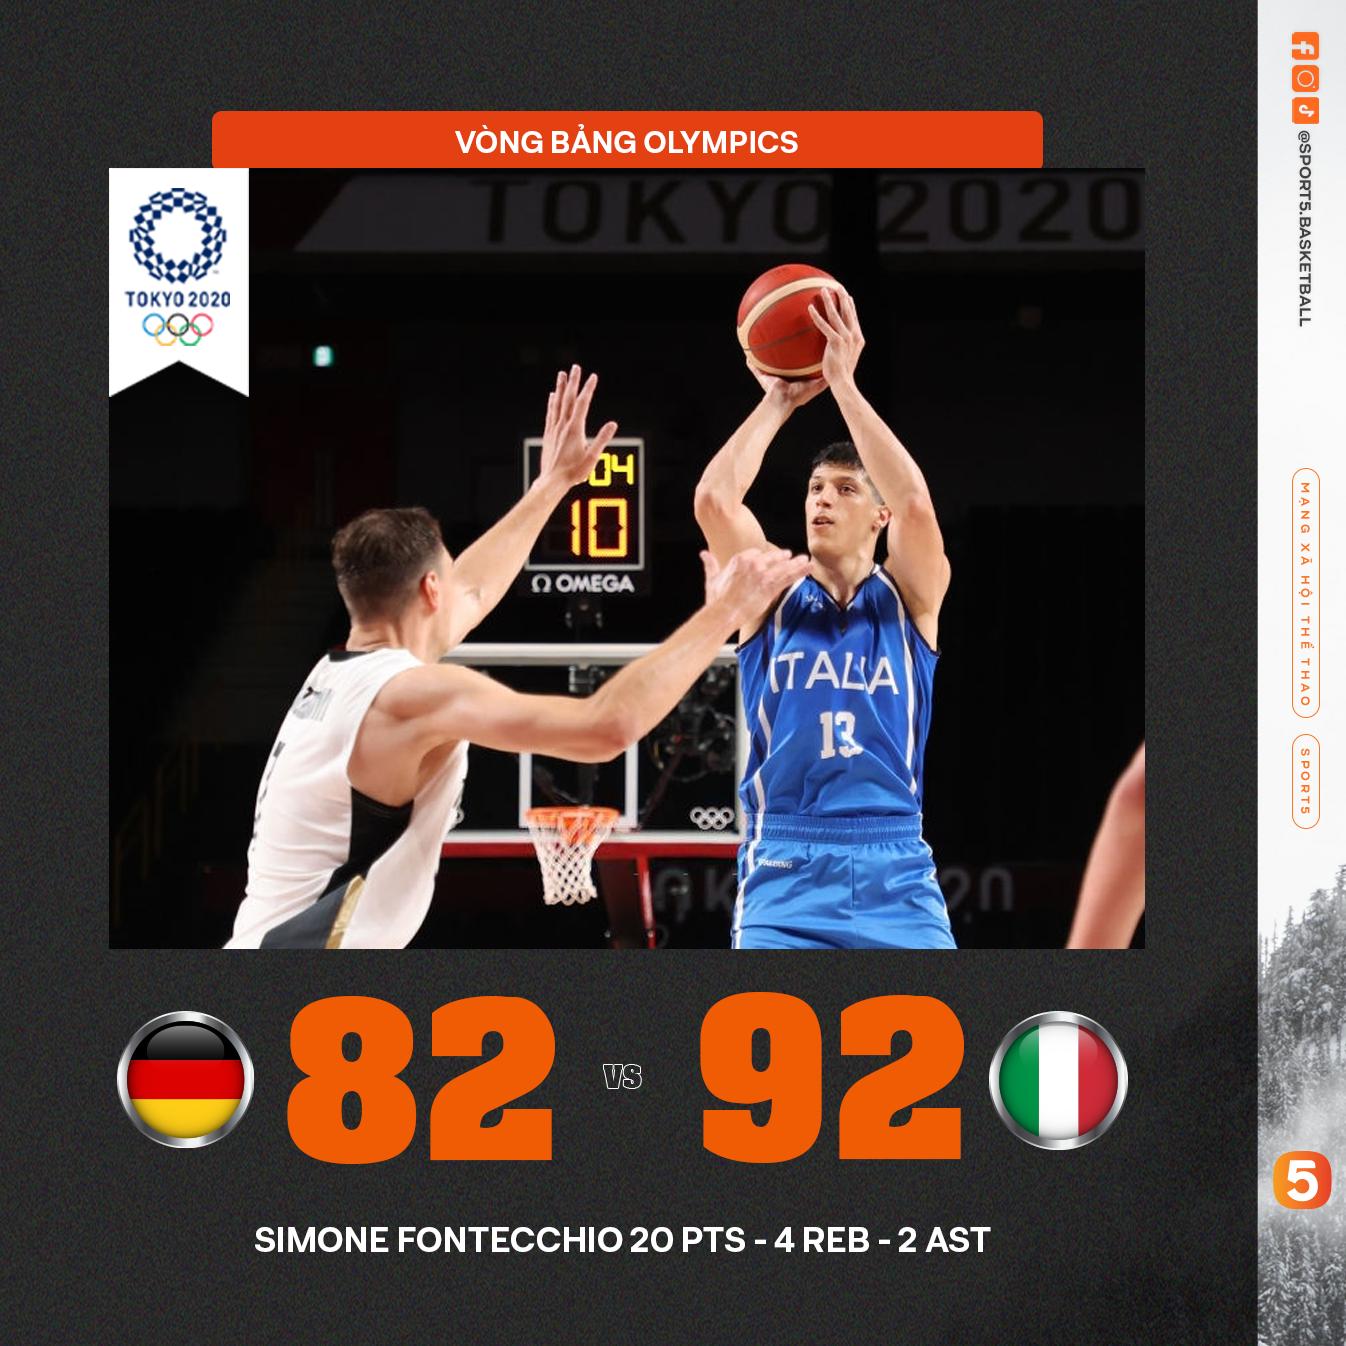 Tổng hợp kết quả ngày thi đấu thứ 1 Bóng rổ Olympics: Cú sốc mang tên ĐT Mỹ - Ảnh 3.